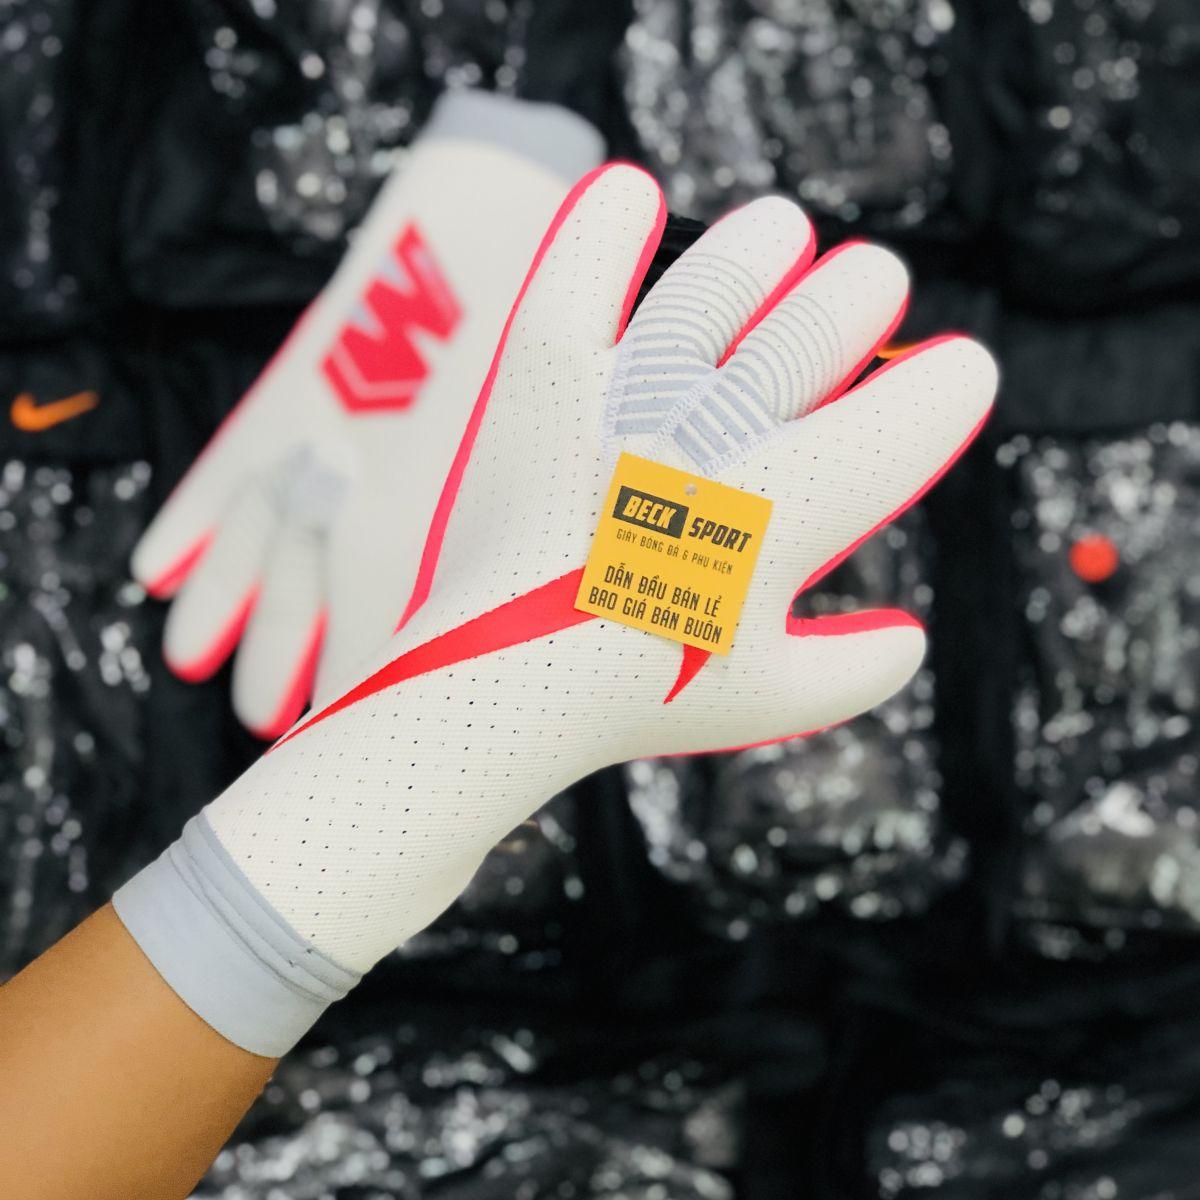 Găng Tay Nike Mercurial Touch Trắng Hồng ( Không Xương)